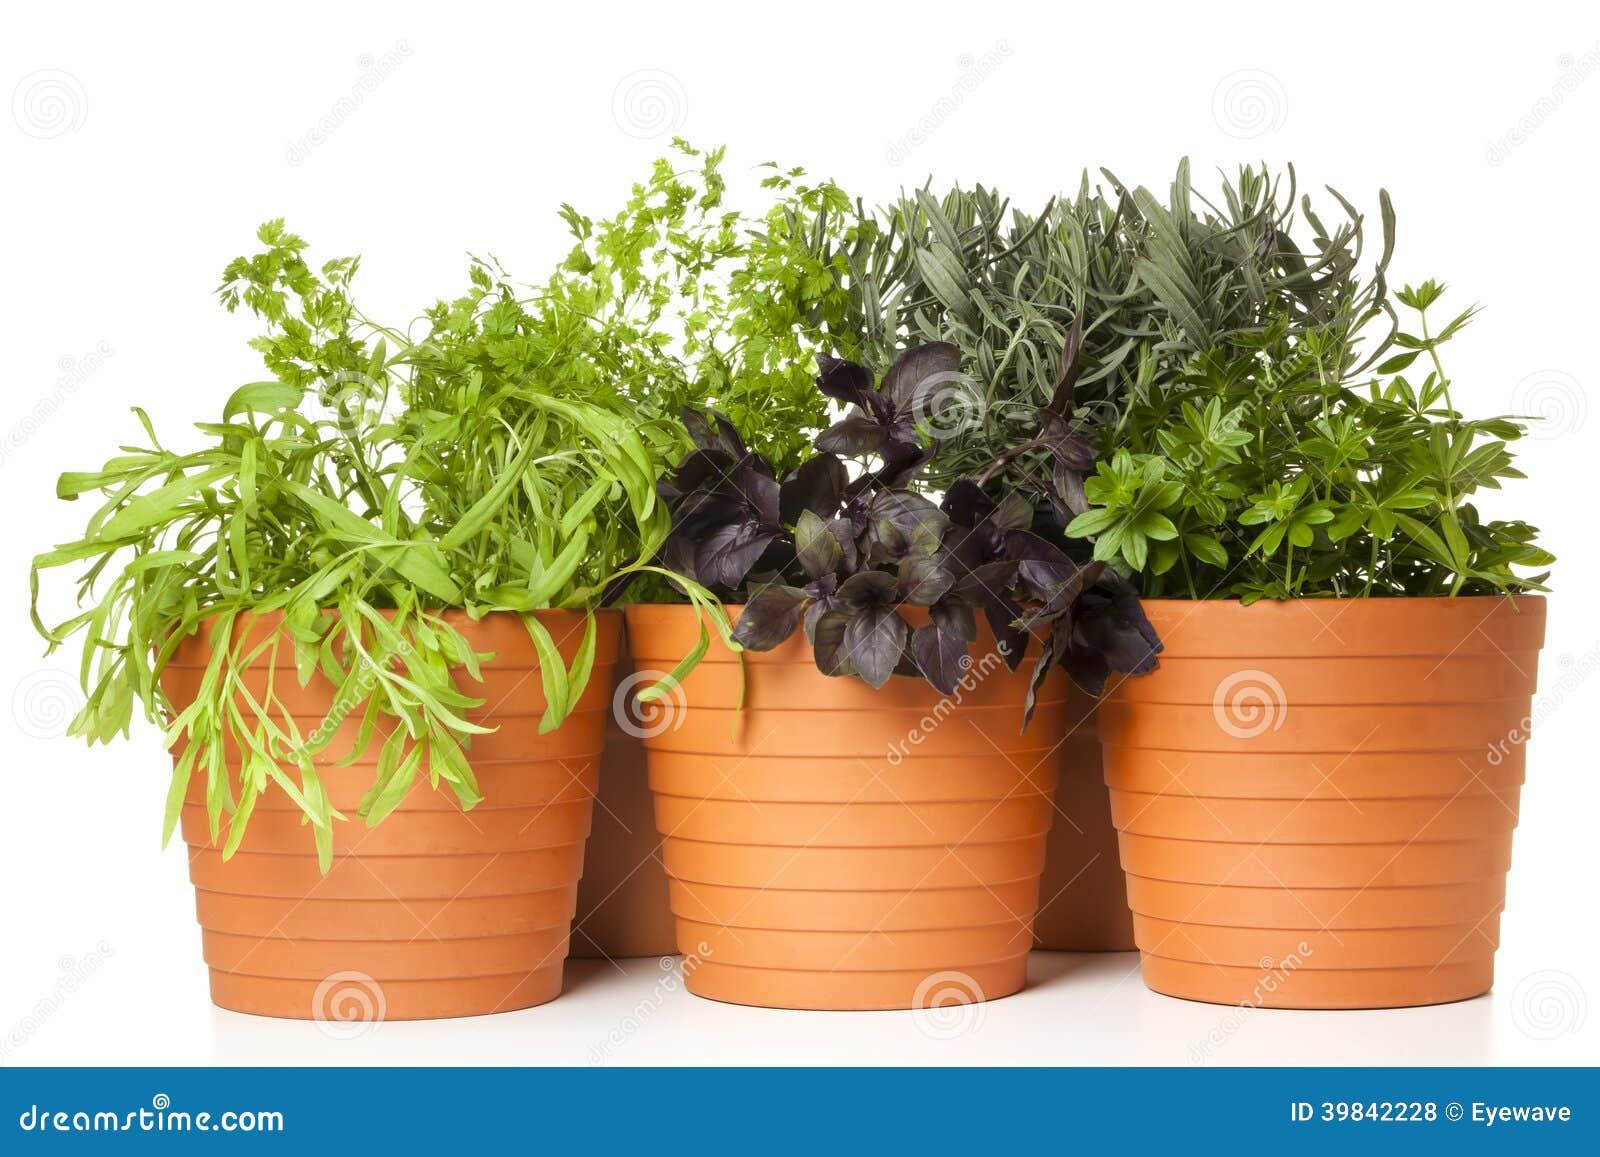 Vasi Piante Aromatiche.Piante Aromatiche Conservate In Vaso Fotografia Stock